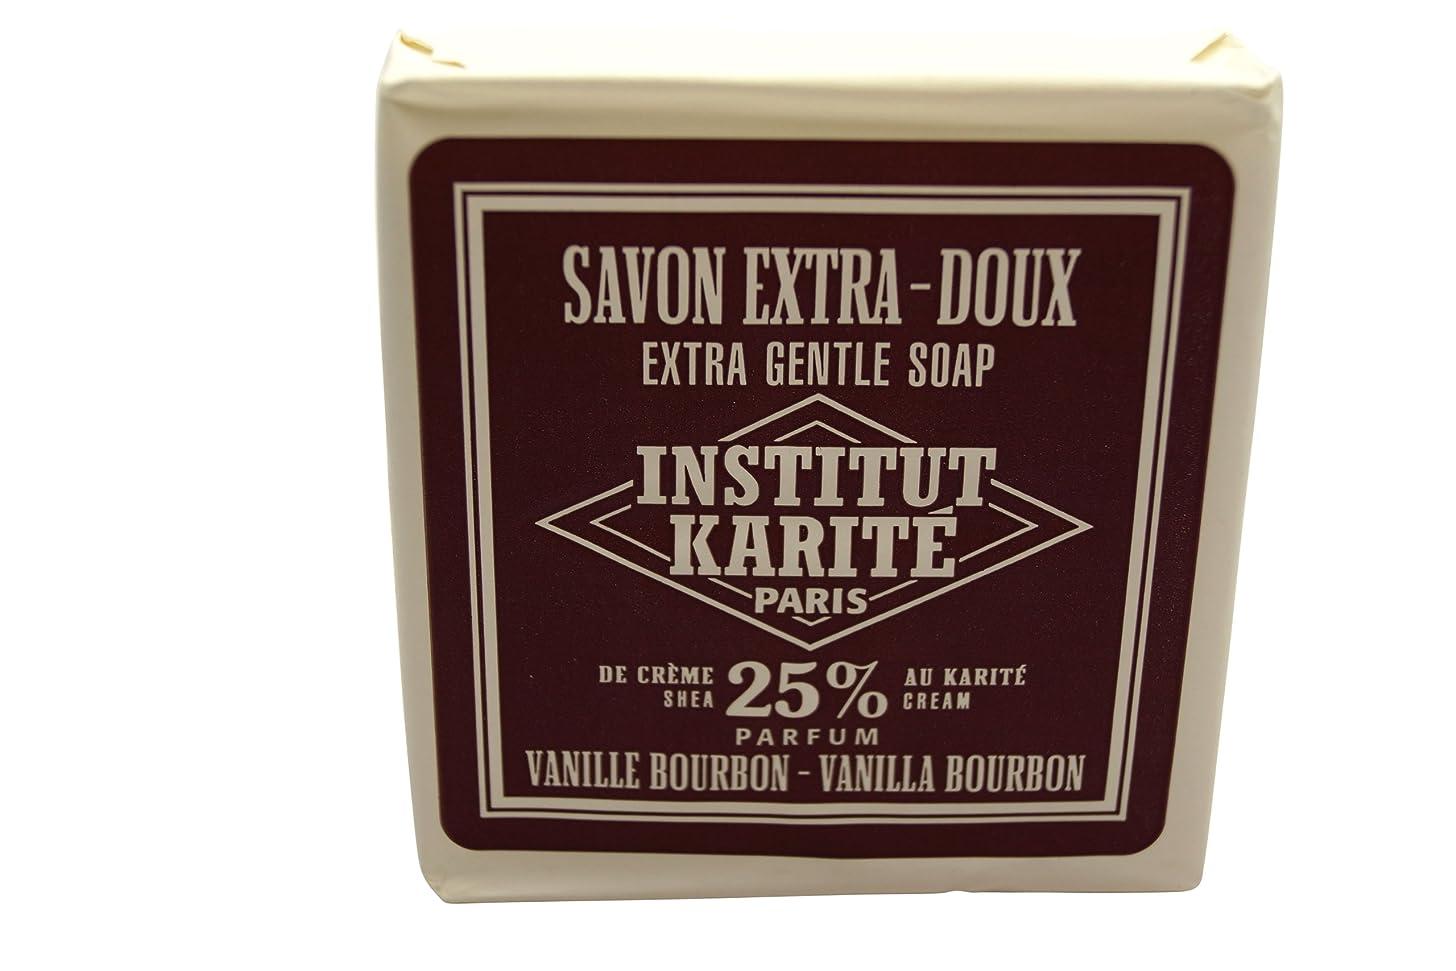 むしゃむしゃ同級生風INSTITUT KARITE 25% ジェントルソープ 100g バニラ バーボン Vanilla Bourbon Extra Gentle Soap インスティテュート?カリテ